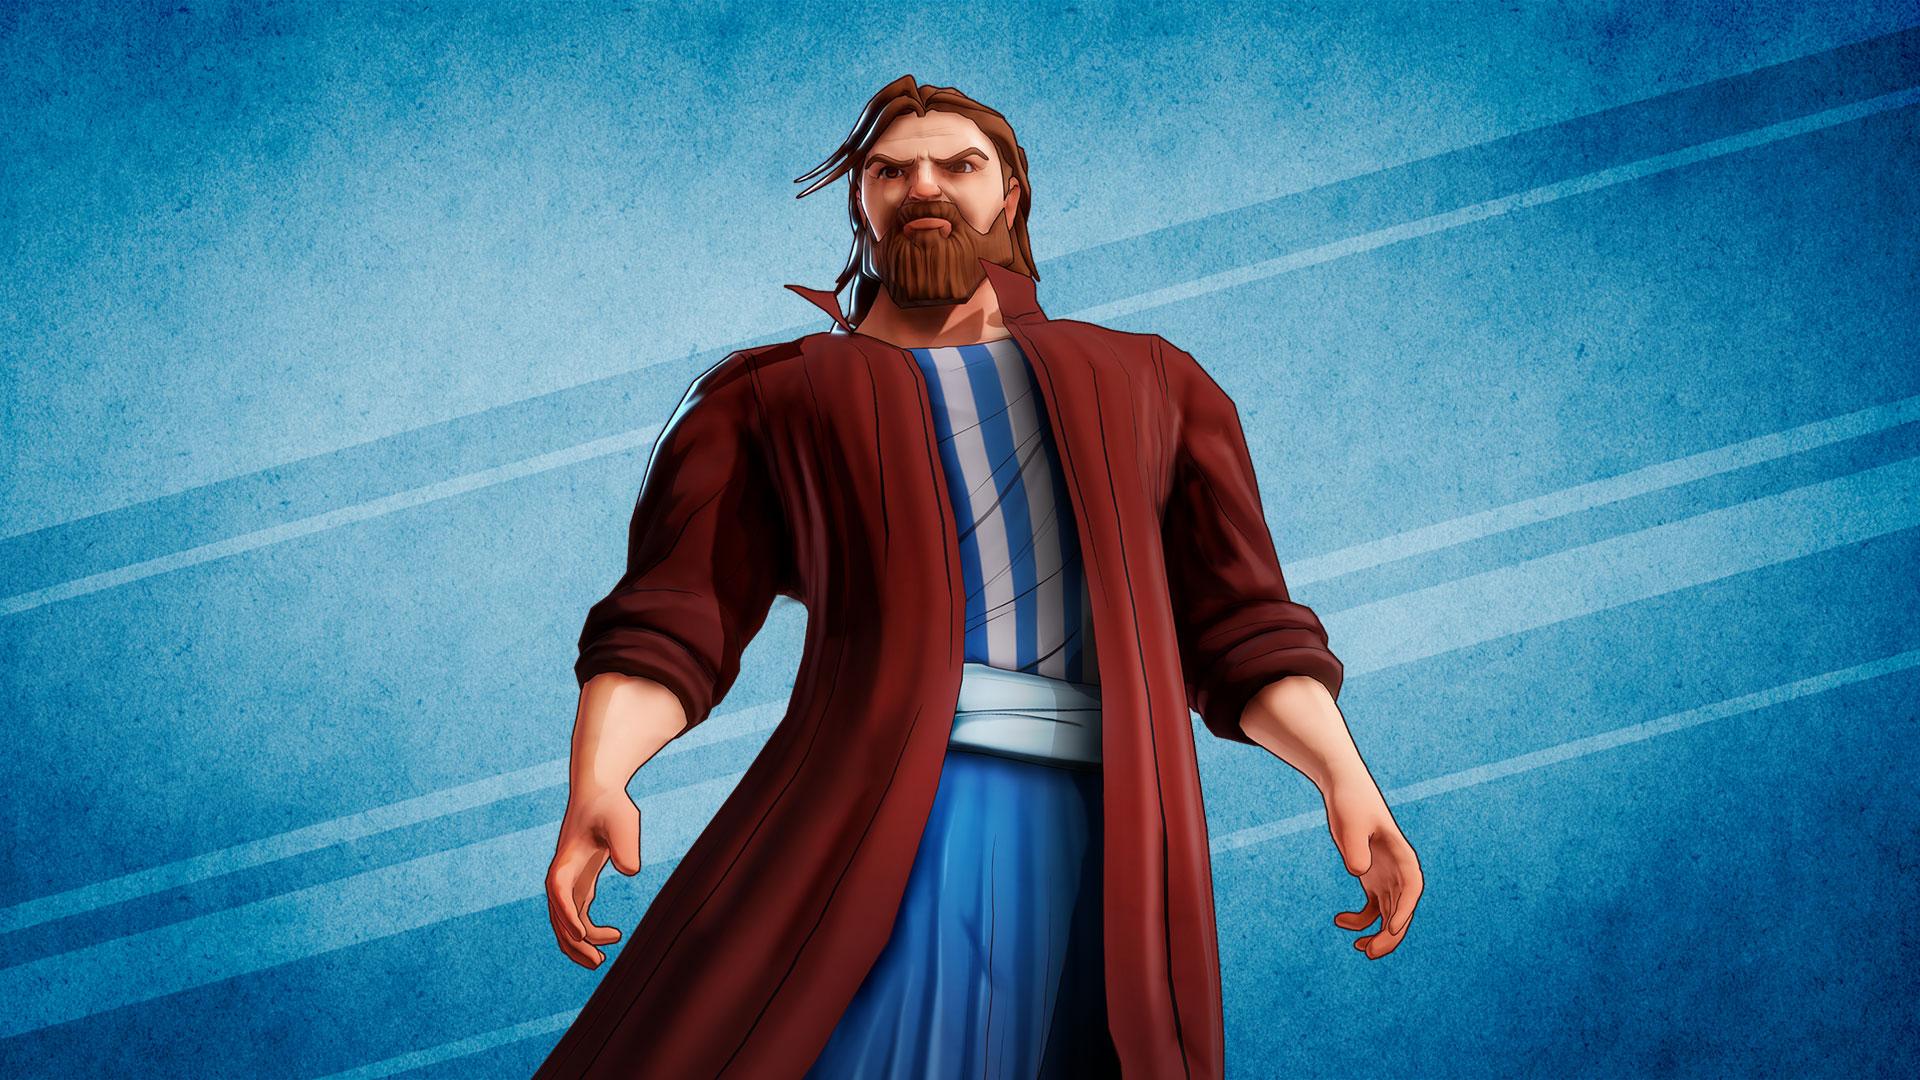 Heroes II John the Beloved